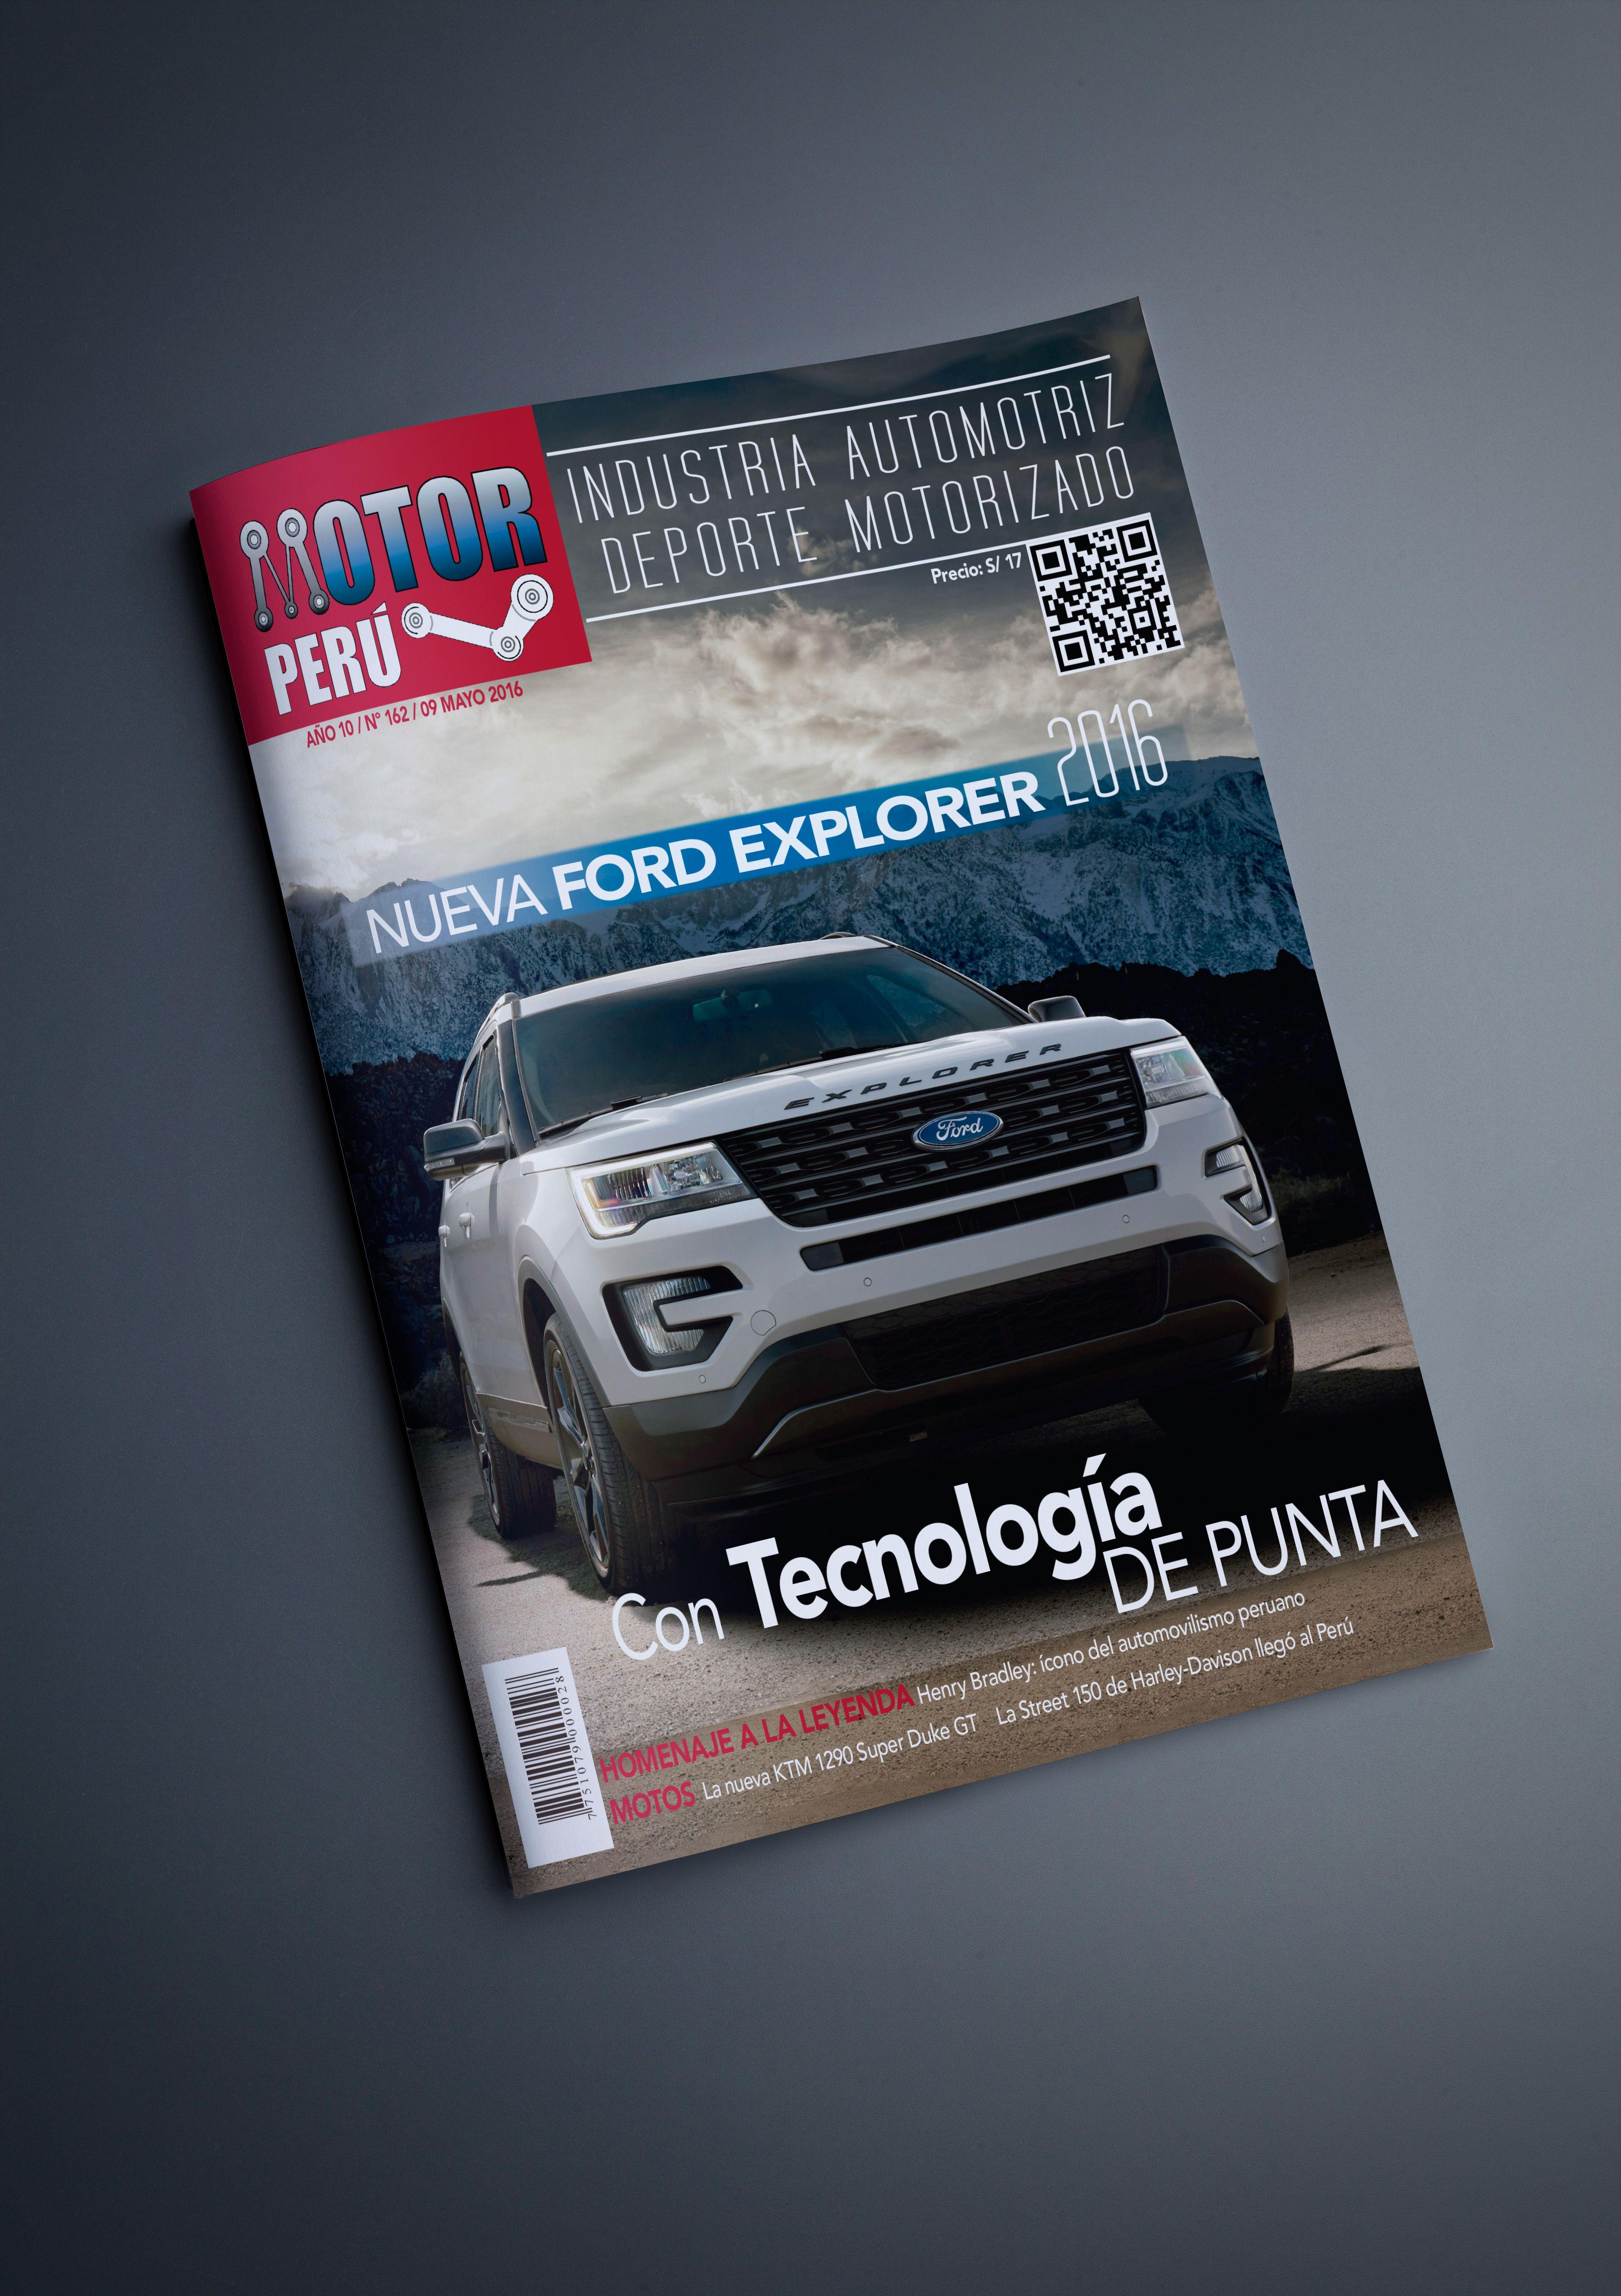 """Consulta mi proyecto @Behance: """"Diagramación y edición de revista Motor Perú"""" https://www.behance.net/gallery/46177937/Diagramacion-y-edicion-de-revista-Motor-Peru"""